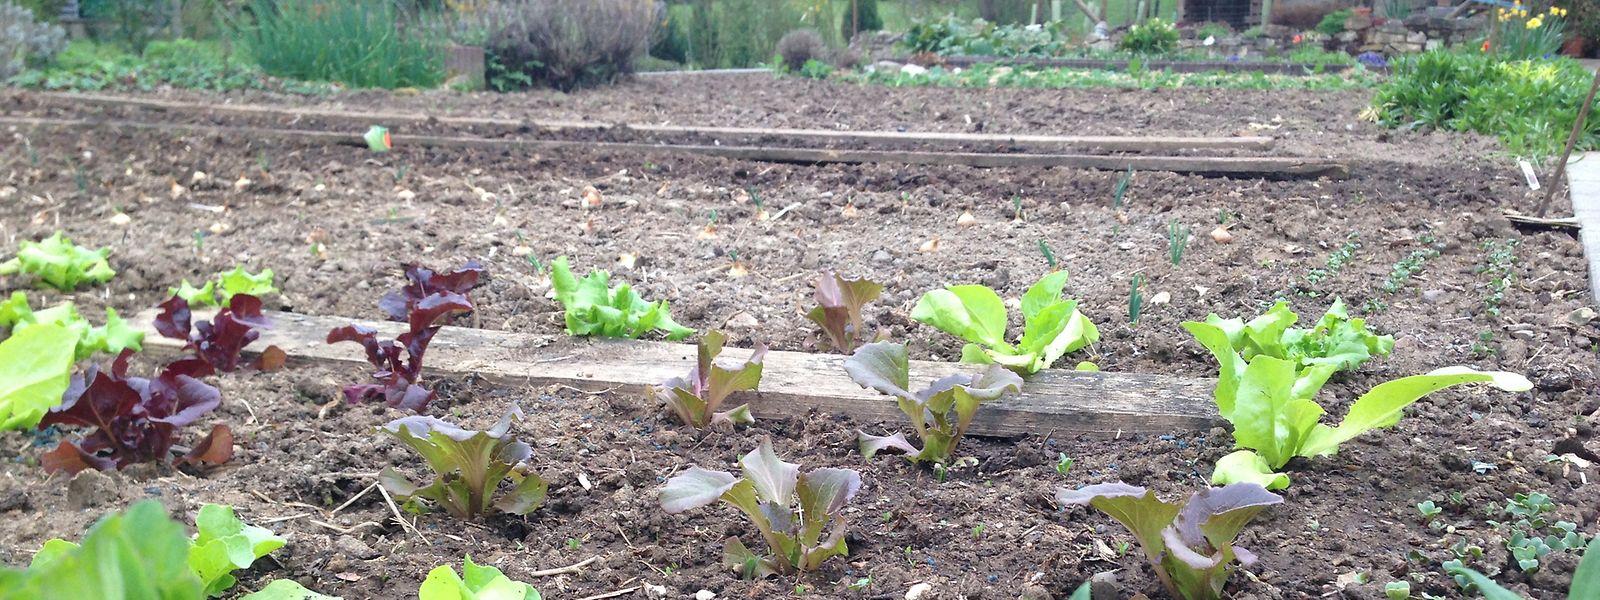 Gartengemüse, das bei einer Flut in direktem Kontakt mit dem Hochwasser steht, sollte man nicht essen.